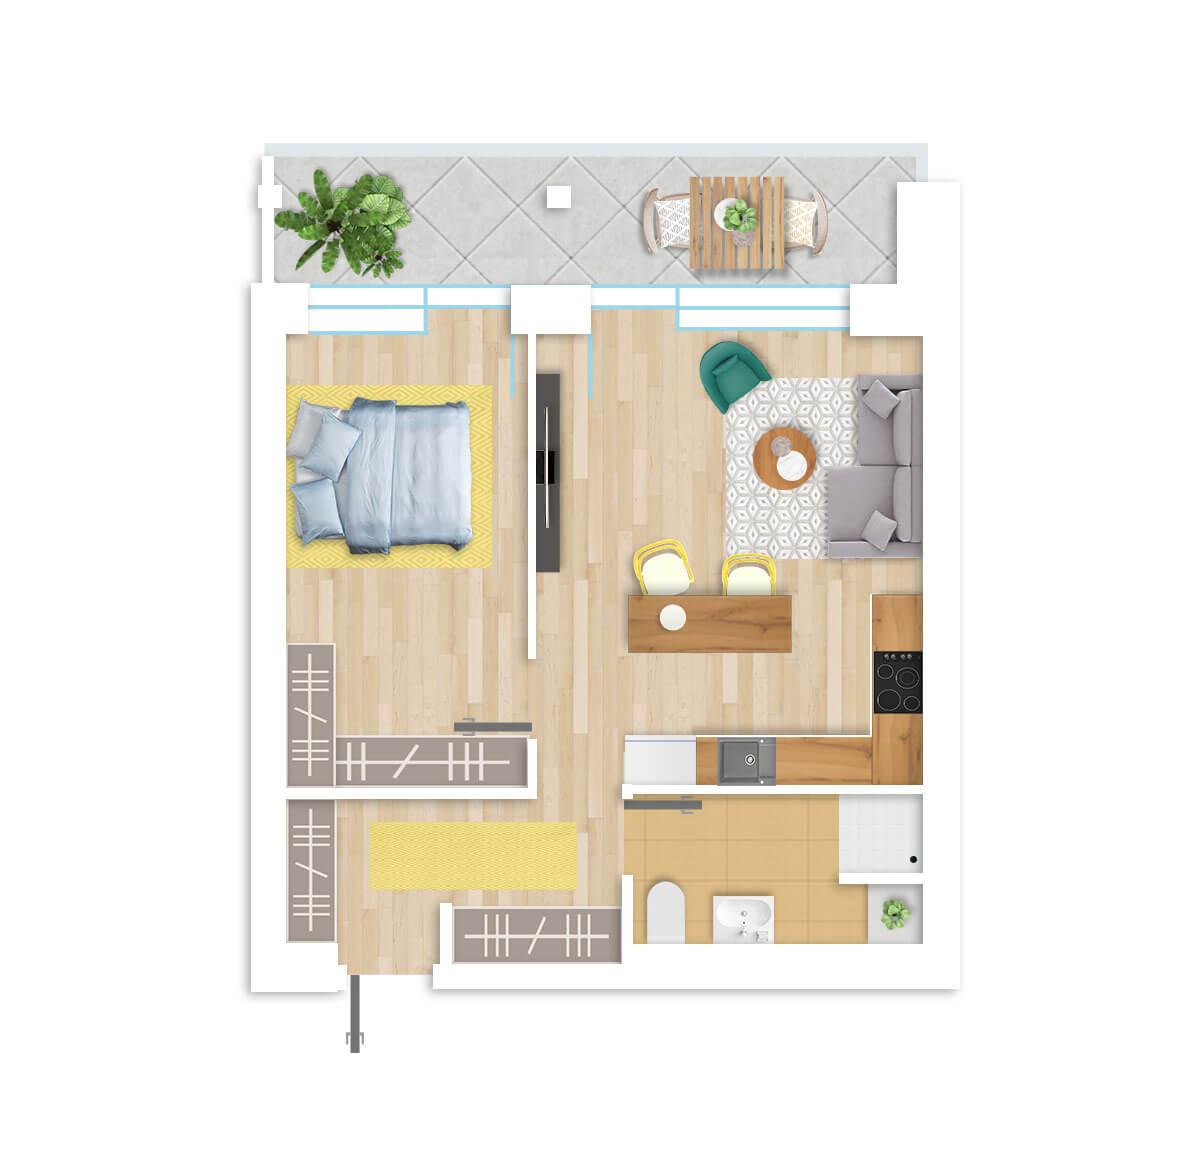 parduodamas butas Lazdynėlių g. 16A - 32 Vilniuje, buto 3D vaizdas